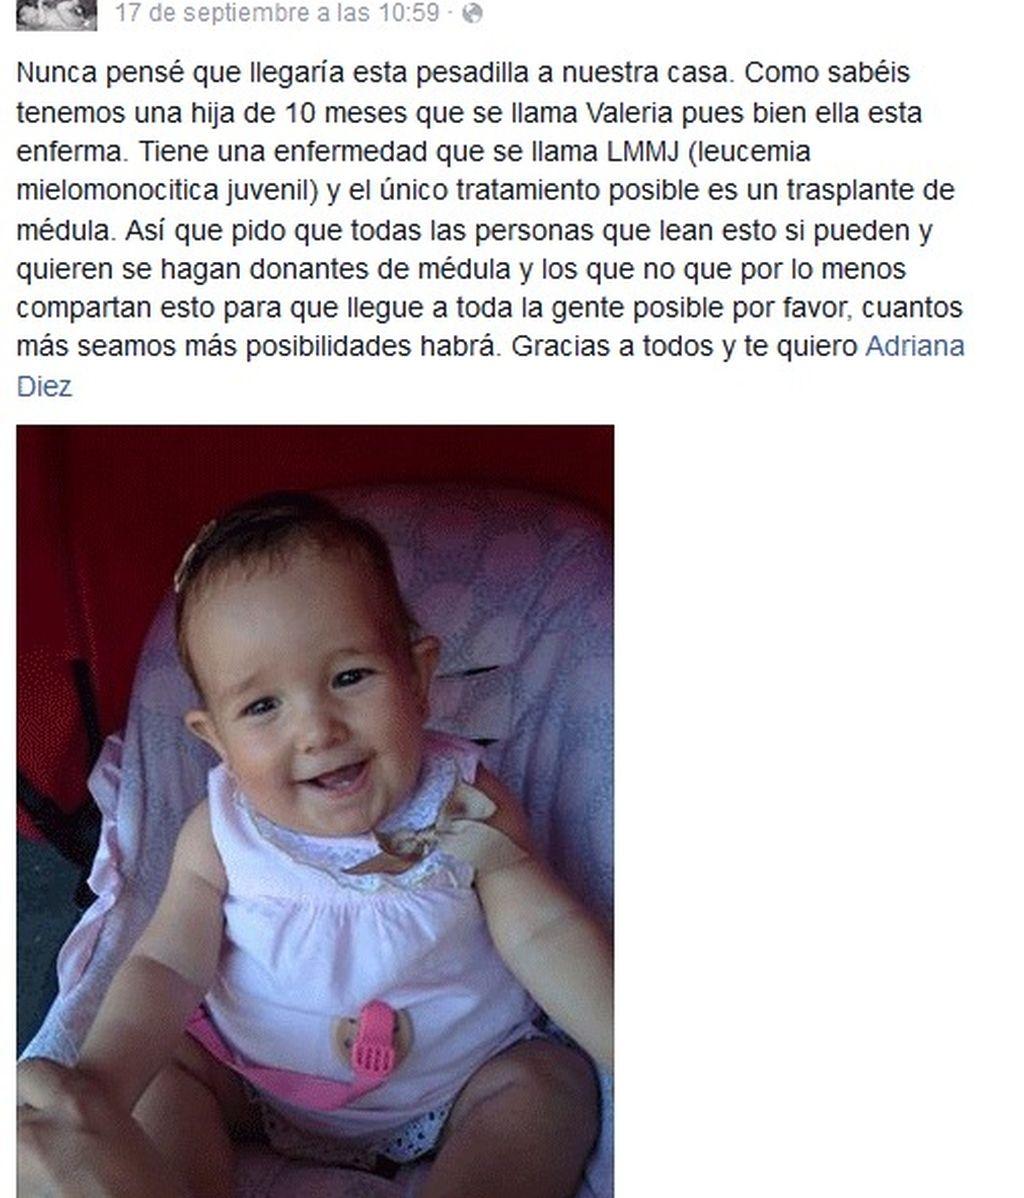 Inician una campaña en Internet en busca de un donante de médula para una niña de diez meses